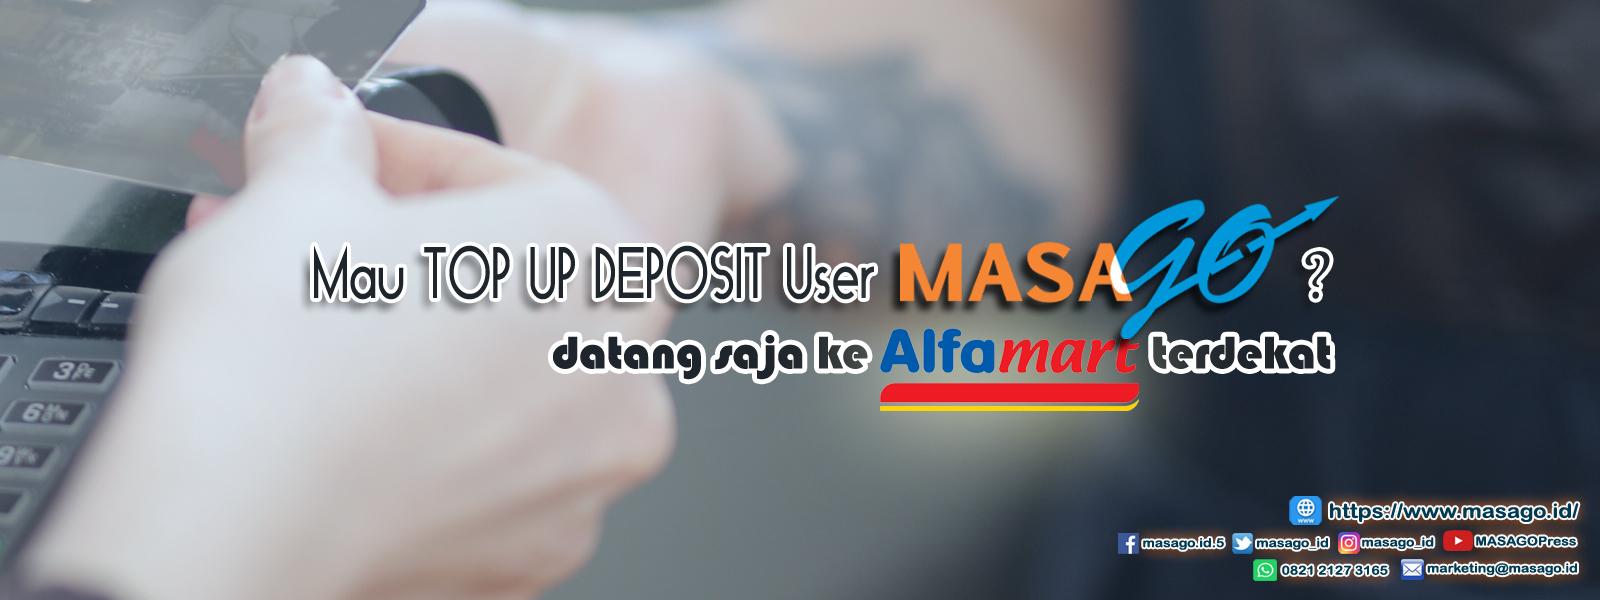 Deposit - Topup - Alfamart - Slider